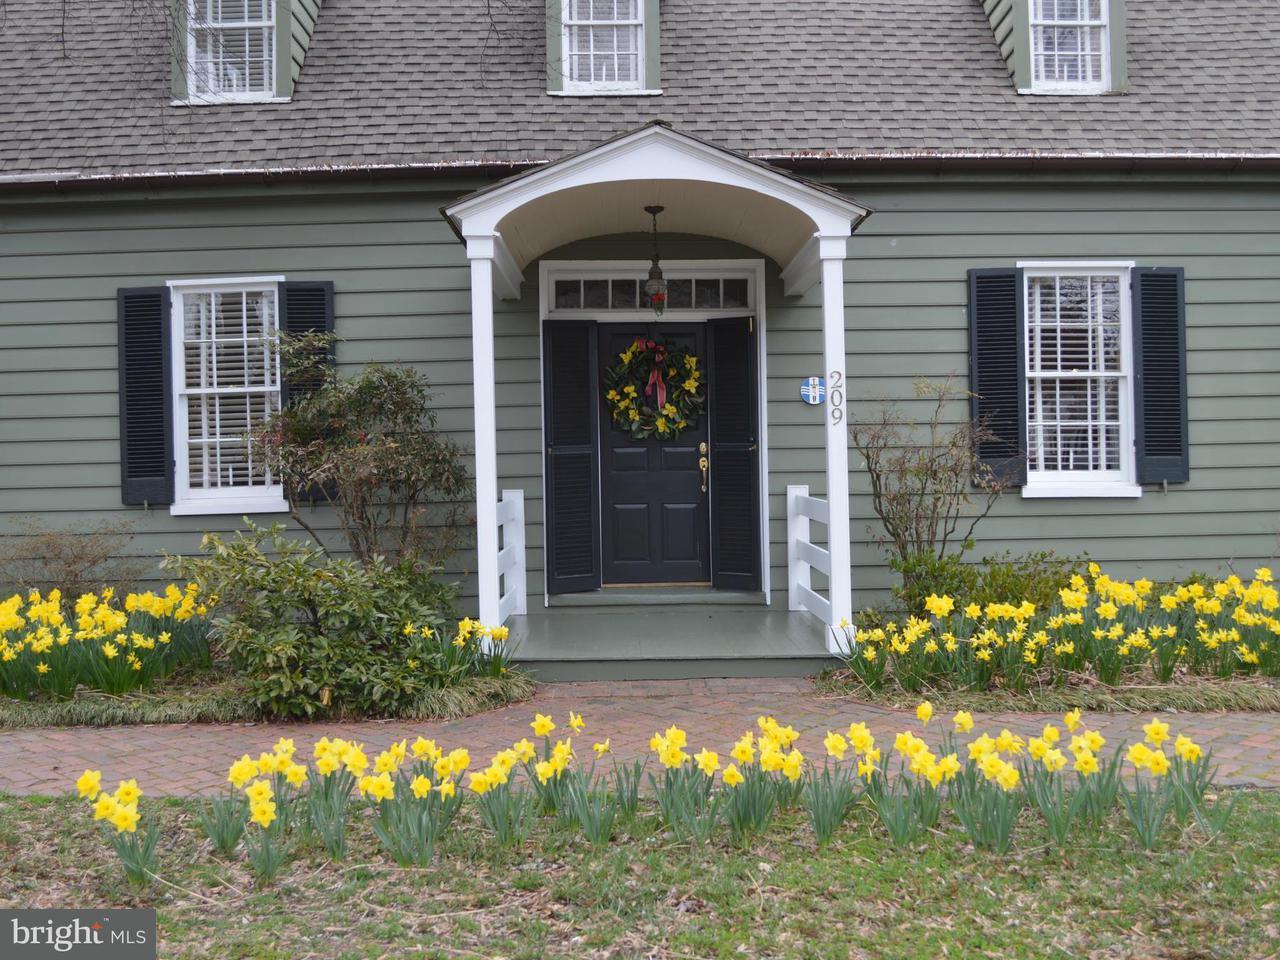 단독 가정 주택 용 매매 에 209 Mulberry Street 209 Mulberry Street St. Michaels, 메릴랜드 21663 미국